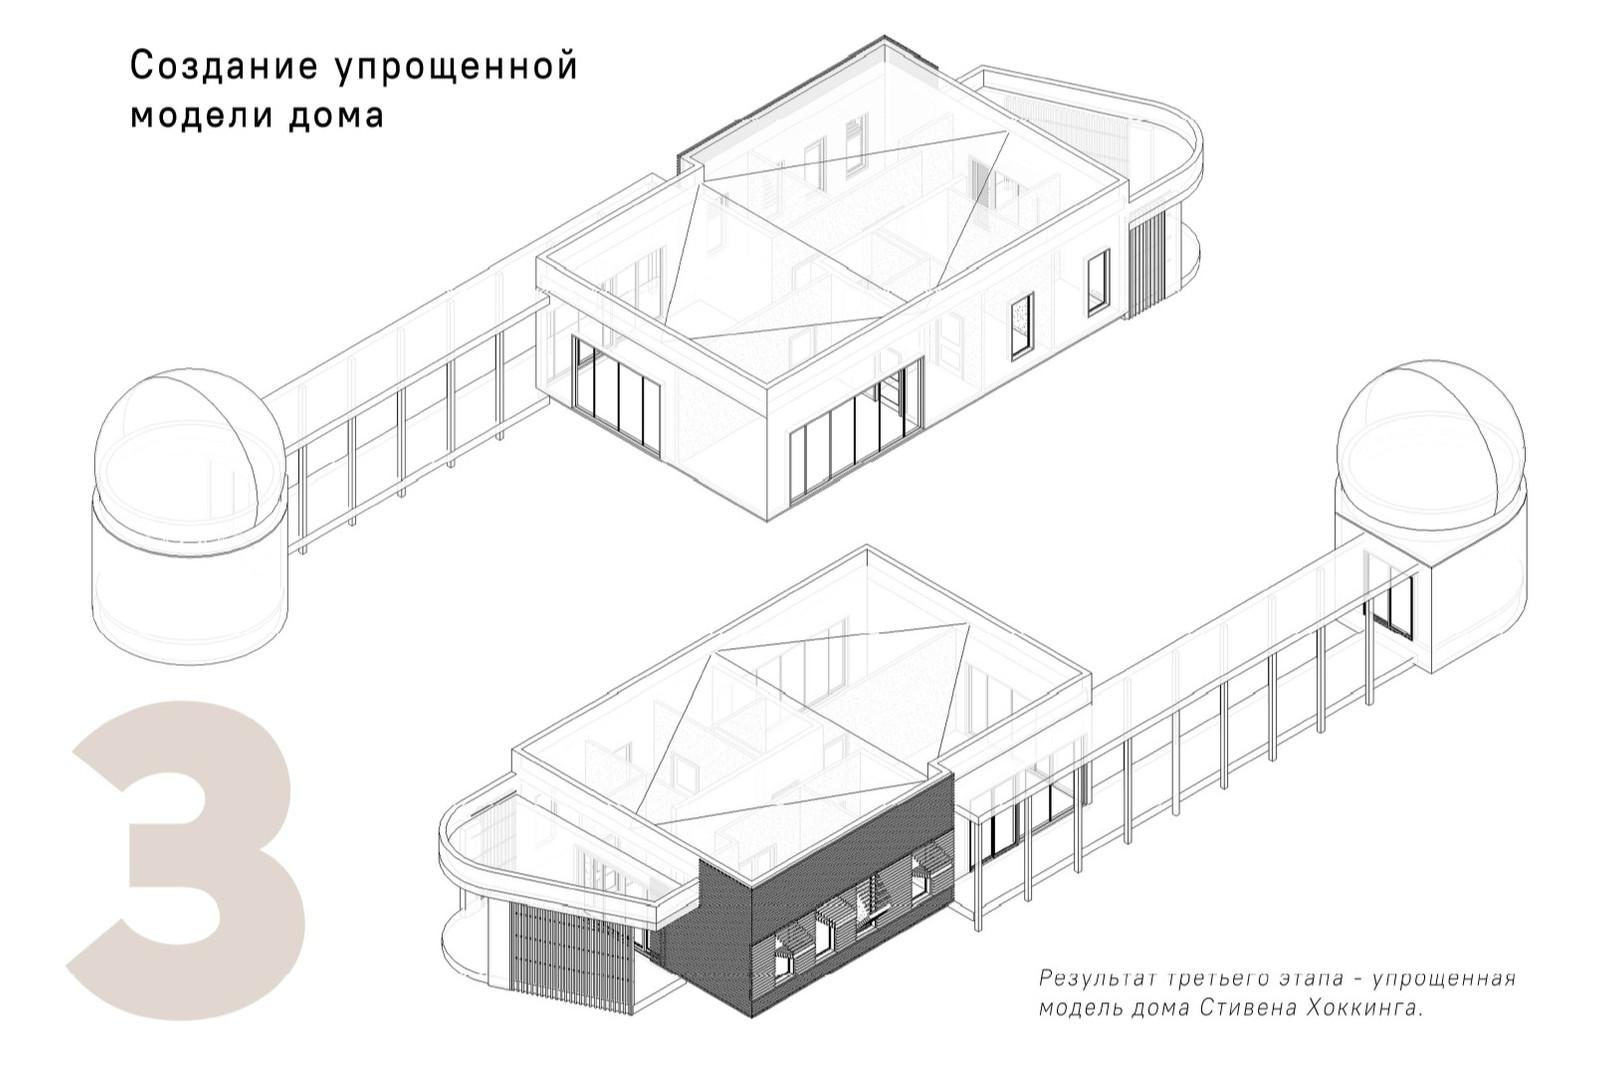 Автор: Алиса Банникова